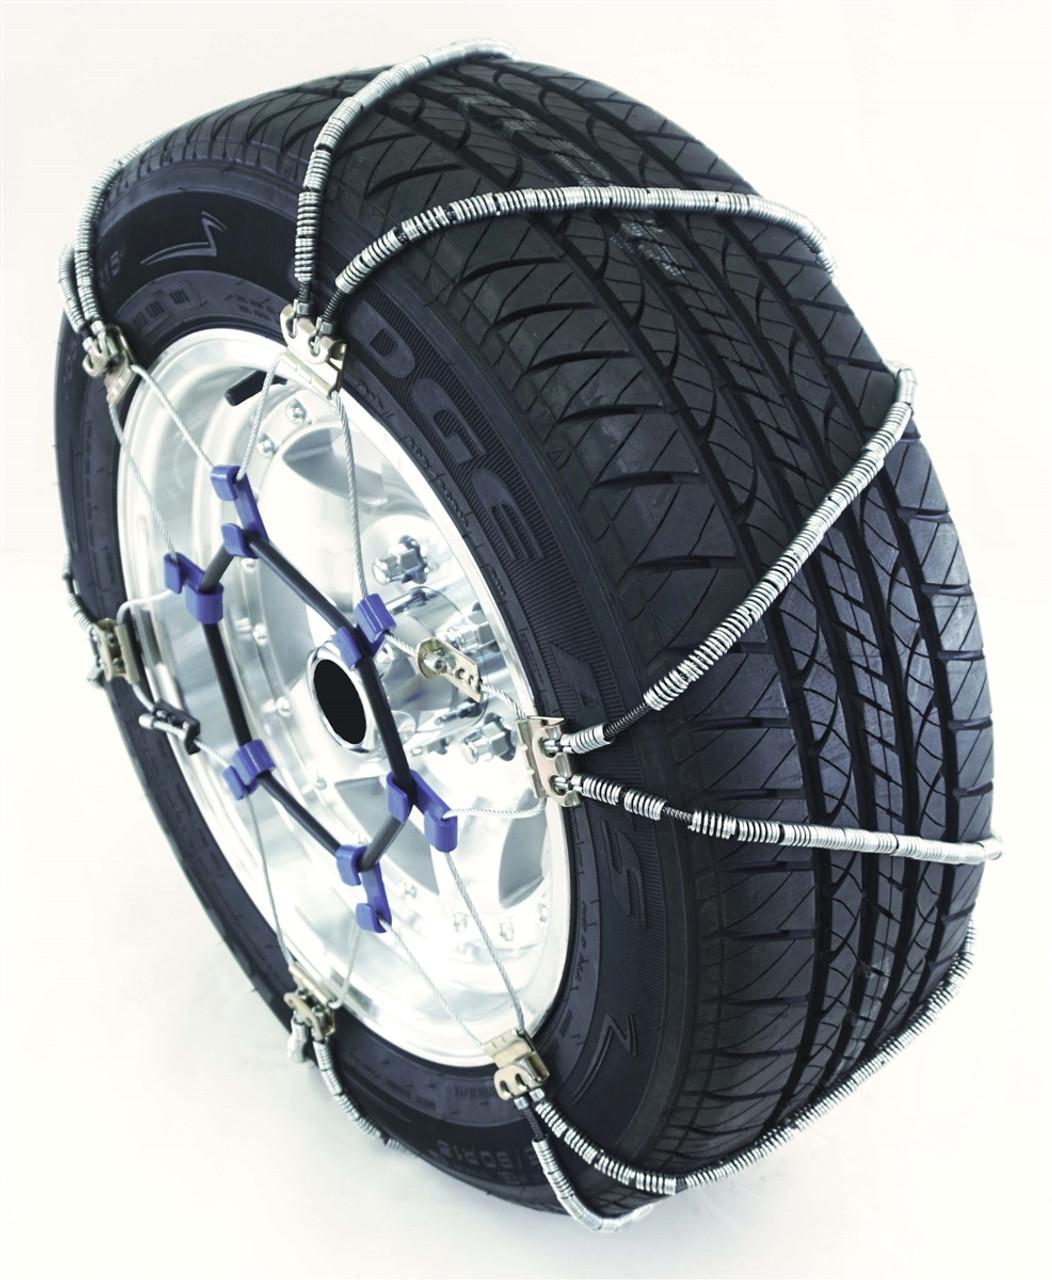 Diagonal Cable Tire Chain - Part no. 323C